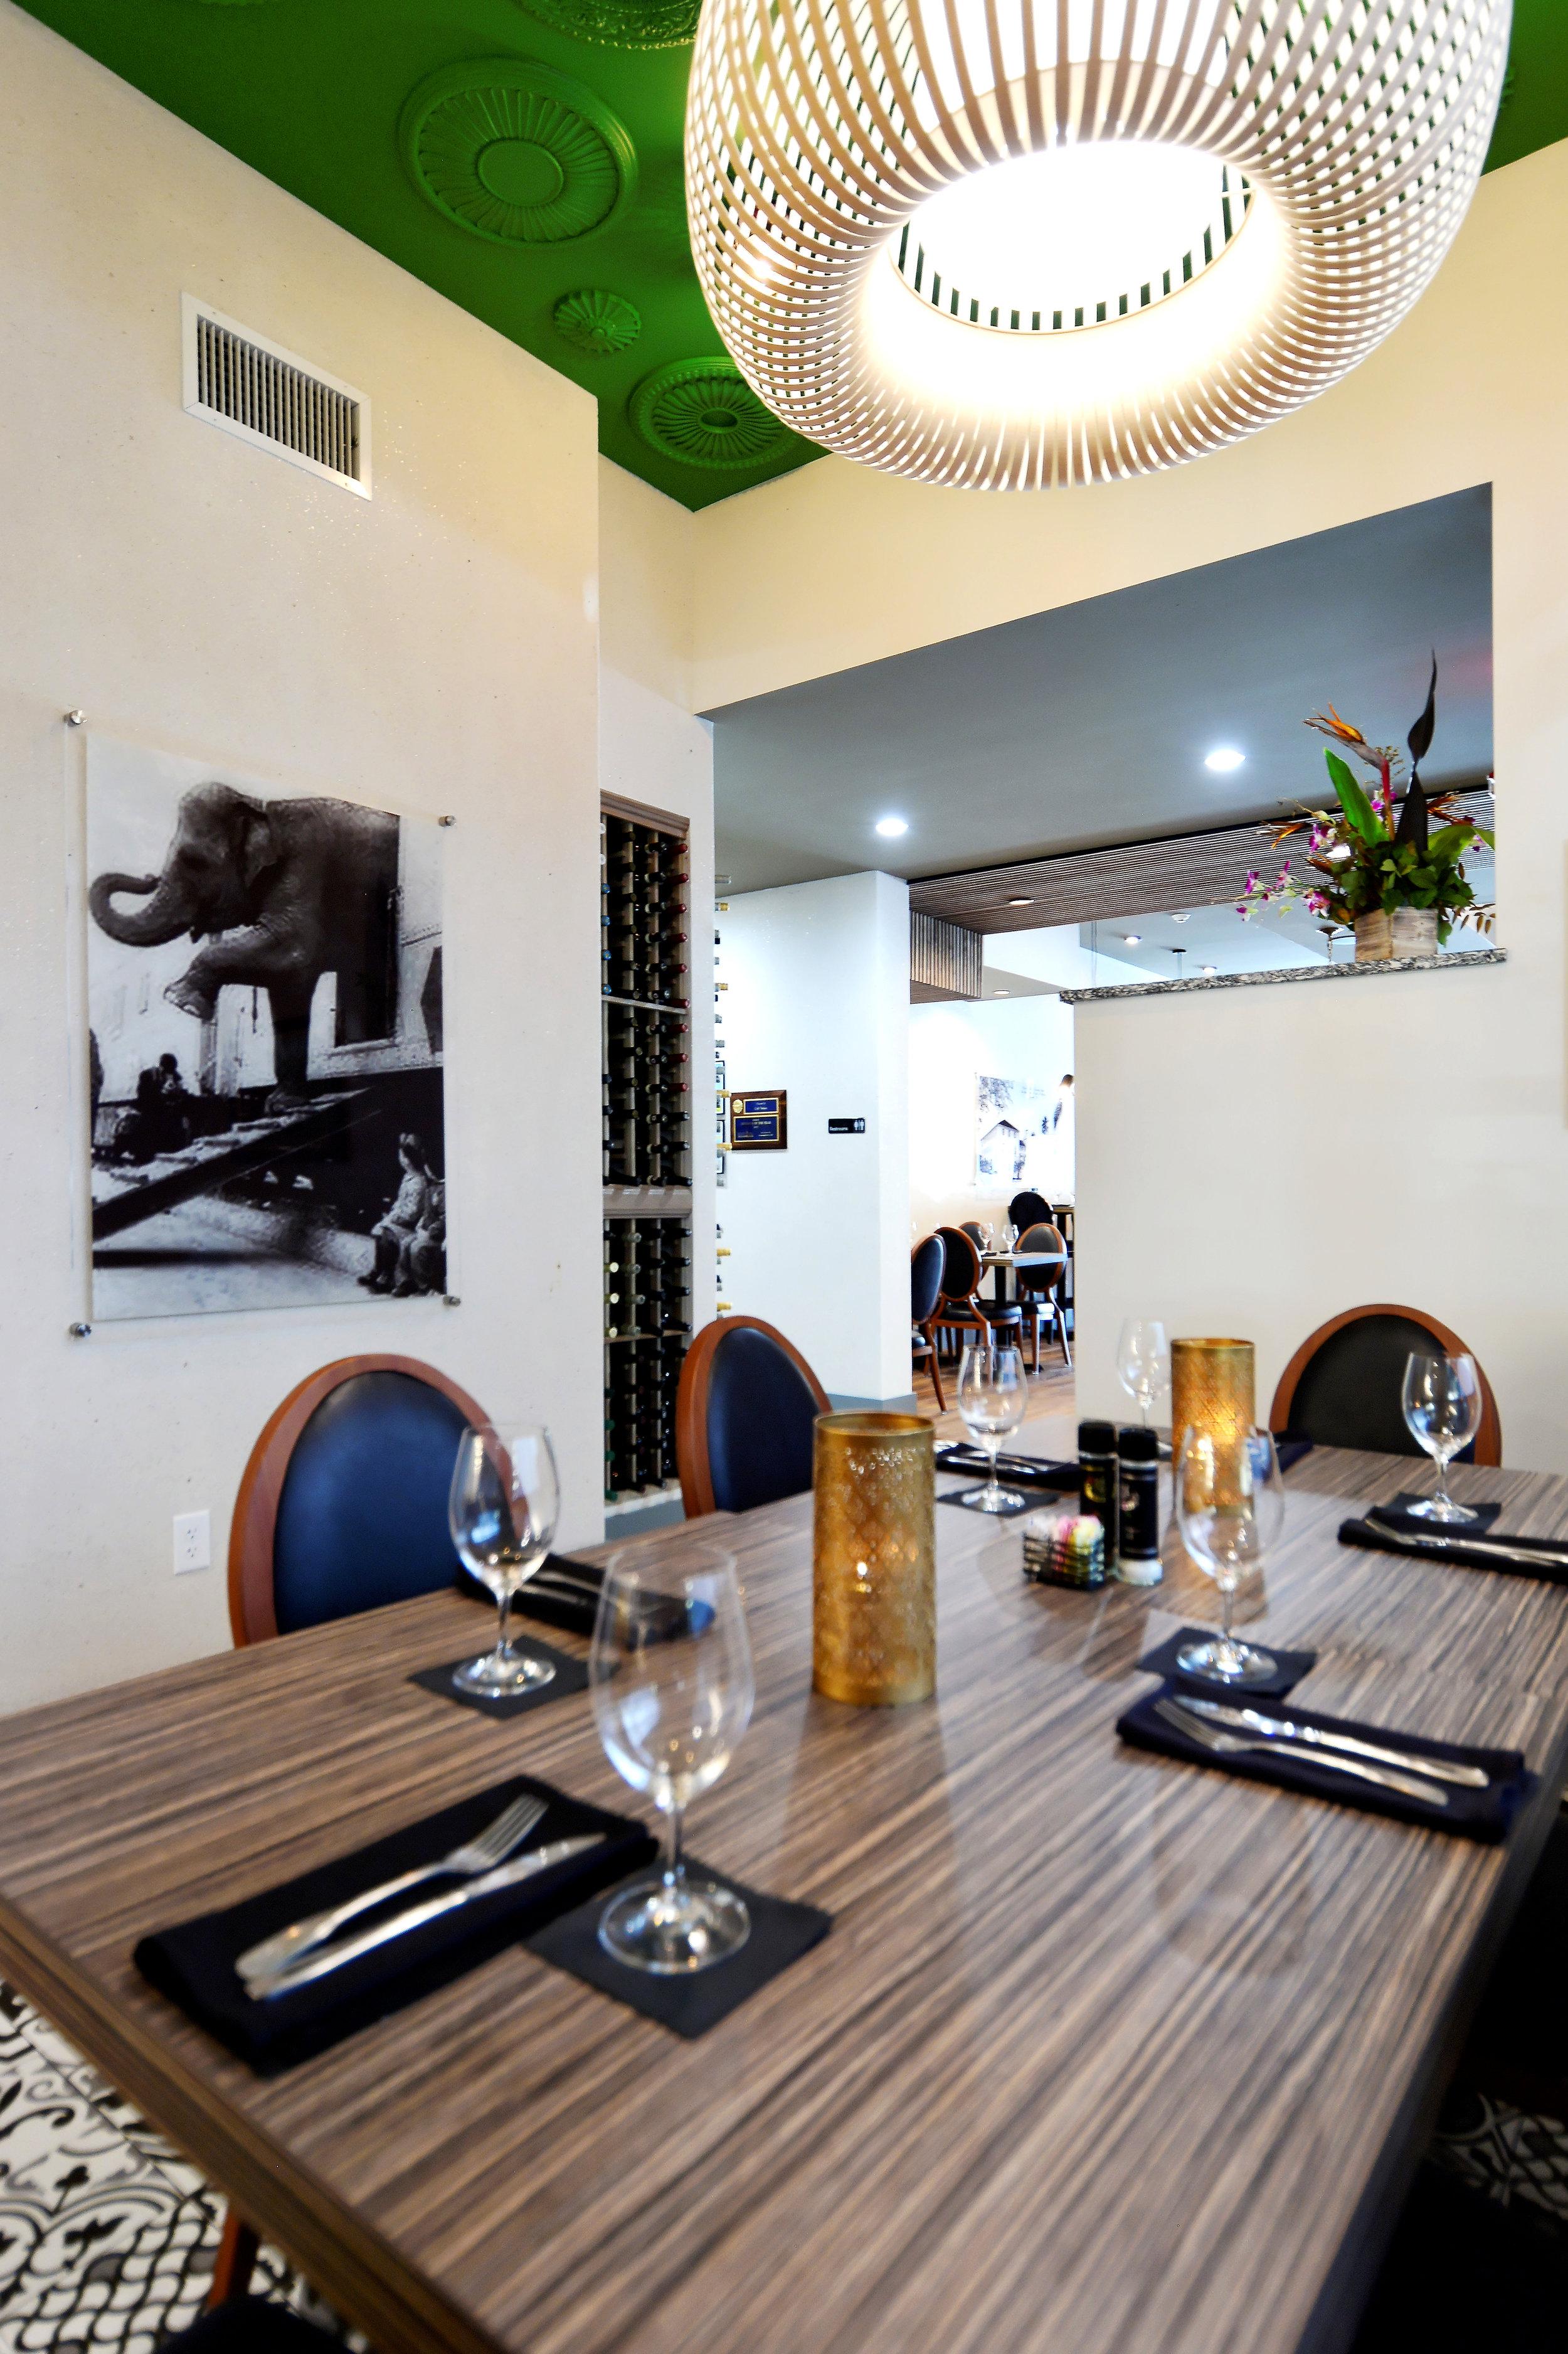 101-West-Venice-Avenue-Cafe-Venice-163.jpg